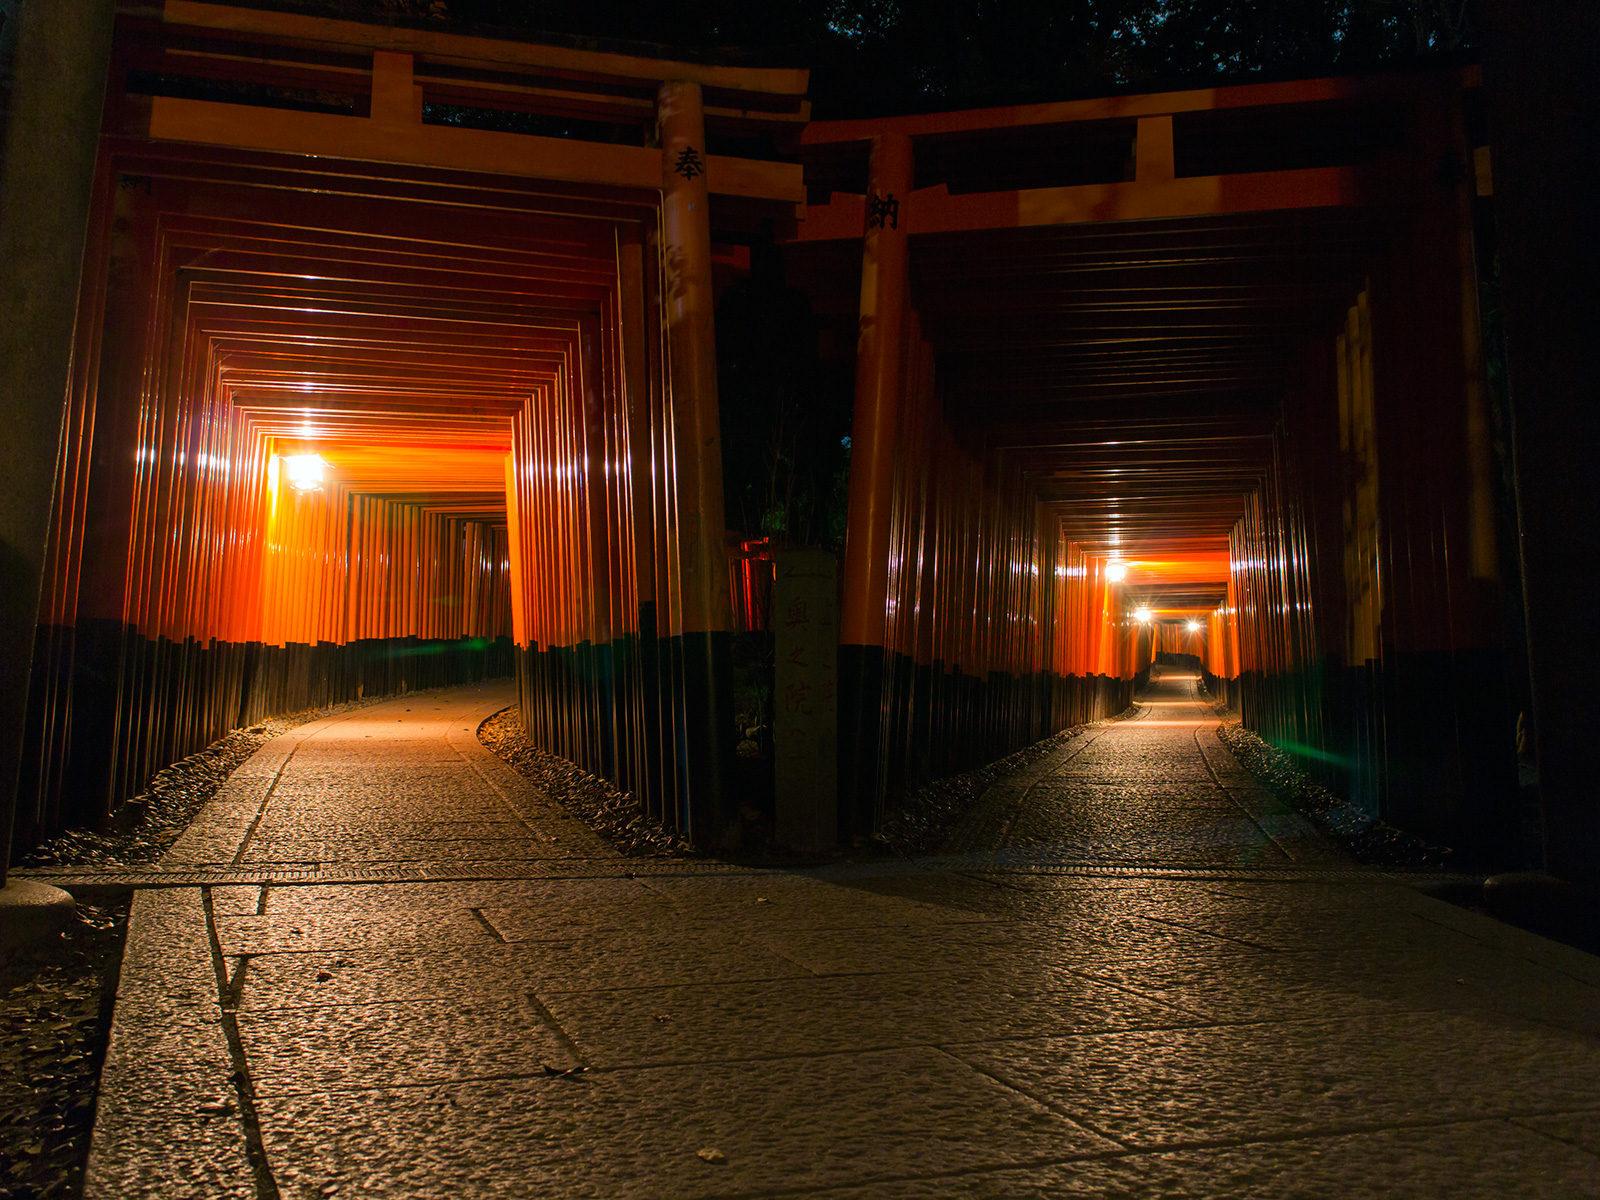 薄く照らされた鳥居が異界へいざなう雰囲気を出す千本鳥居 - -京都市伏見区伏見稲荷大社- -